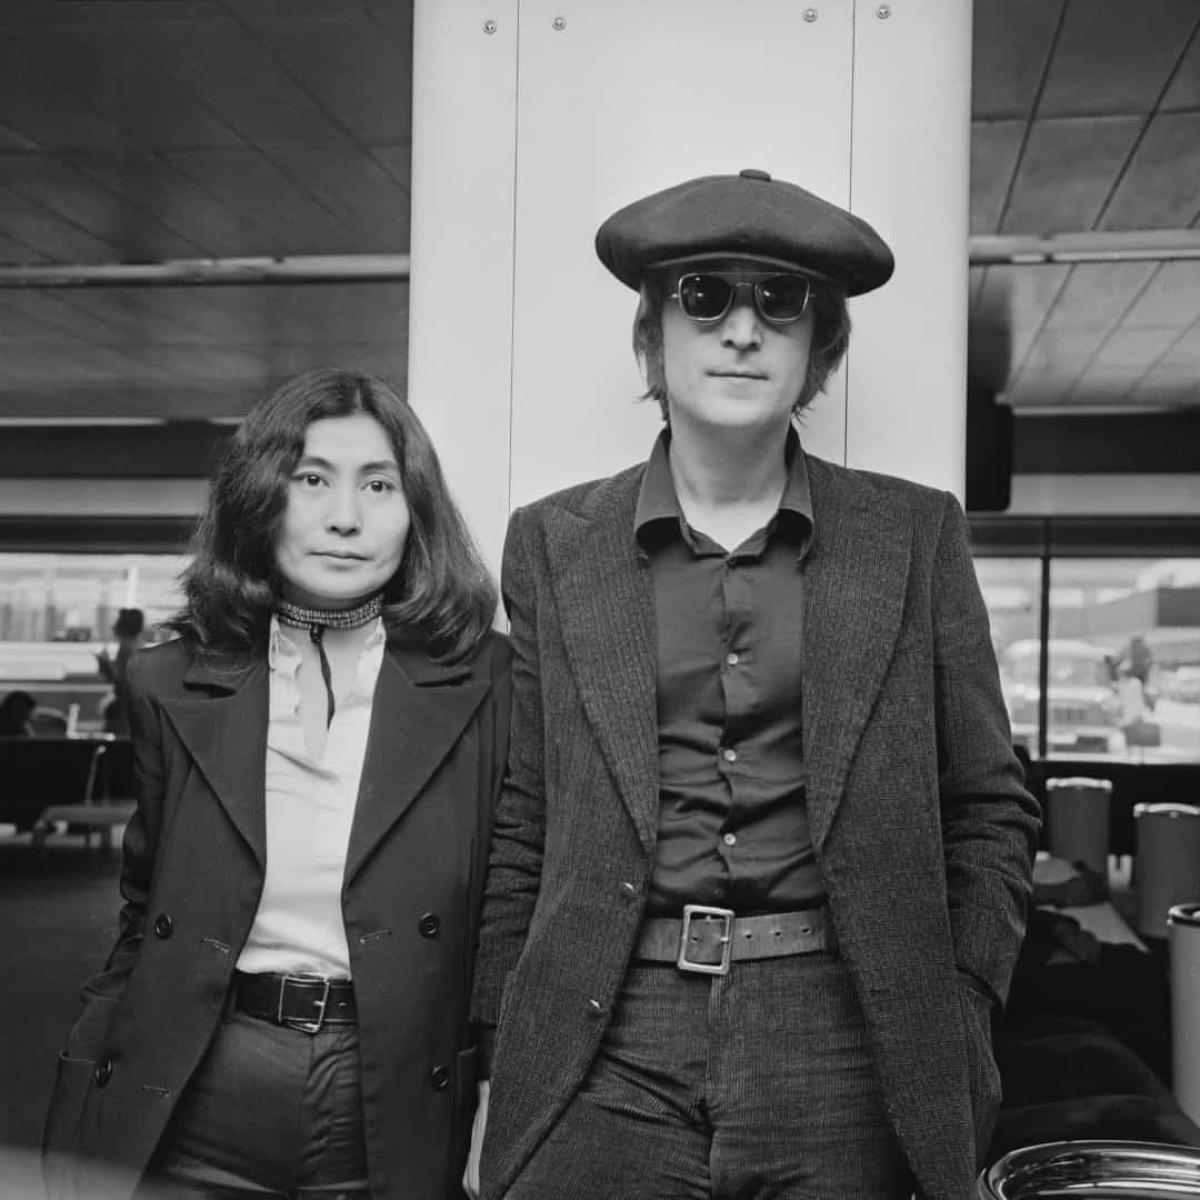 Năm 1971: Hai nghệ sĩ John Lennon và Yoko Ono đến London (Anh) vào ngày 14/7/1971.